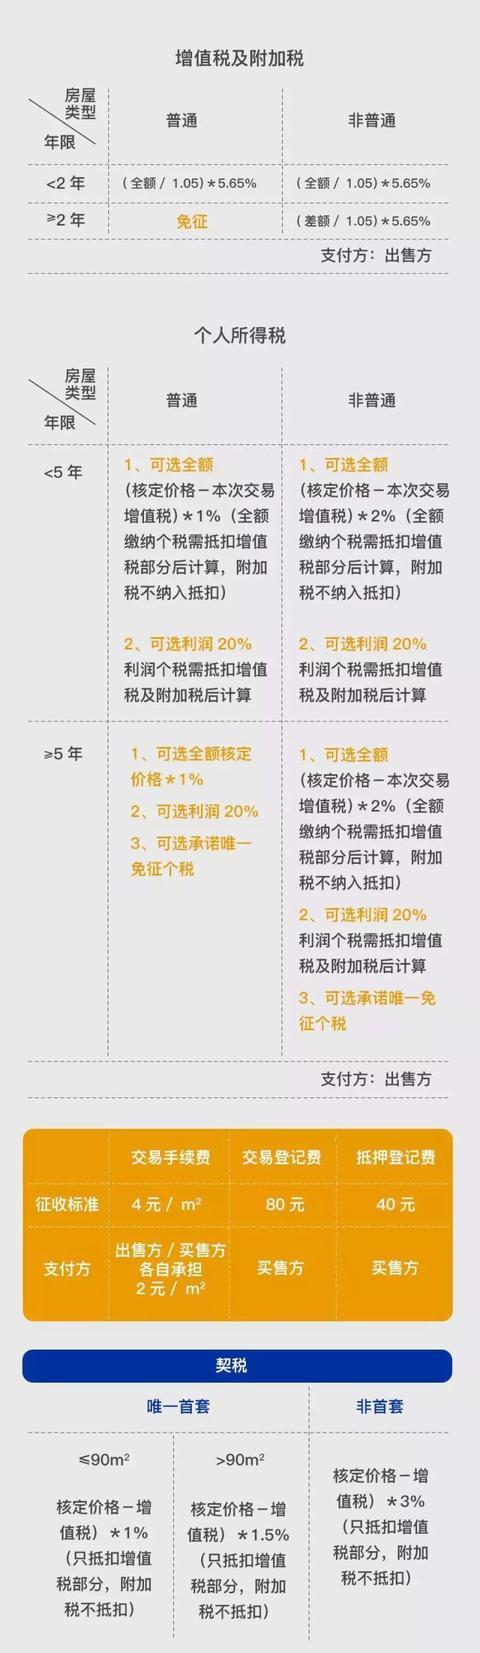 2018年上海新政購房資格,貸款資格,買房流程 - 每日頭條